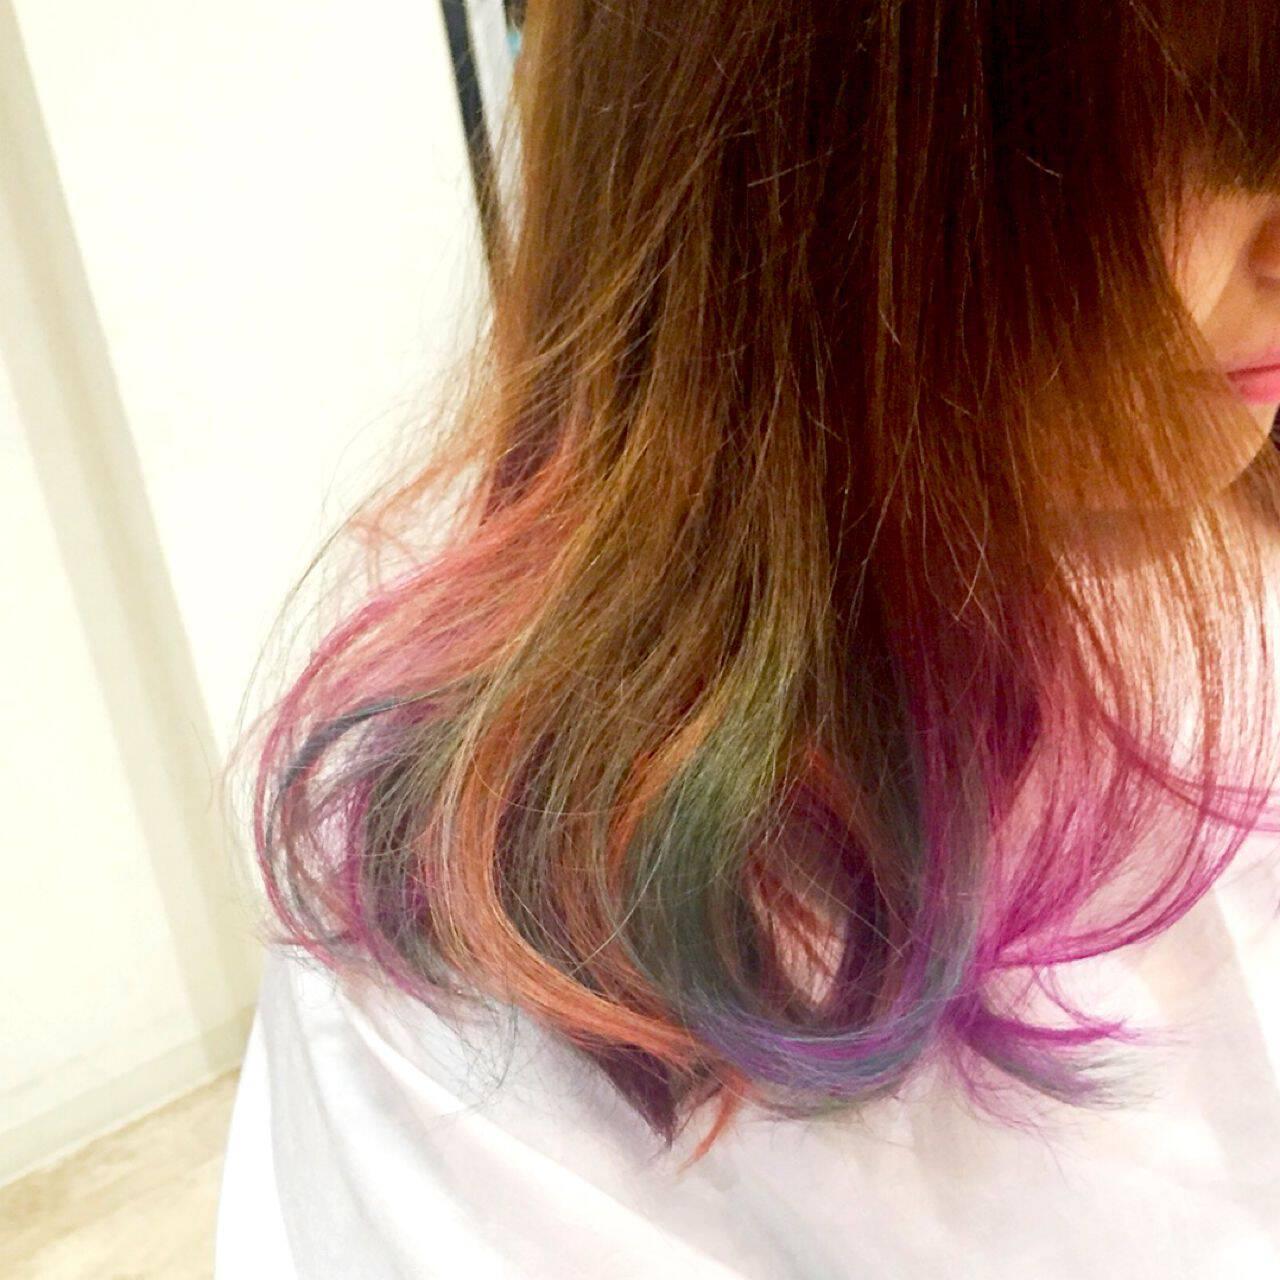 ストレート ストリート パンク カラフルカラーヘアスタイルや髪型の写真・画像